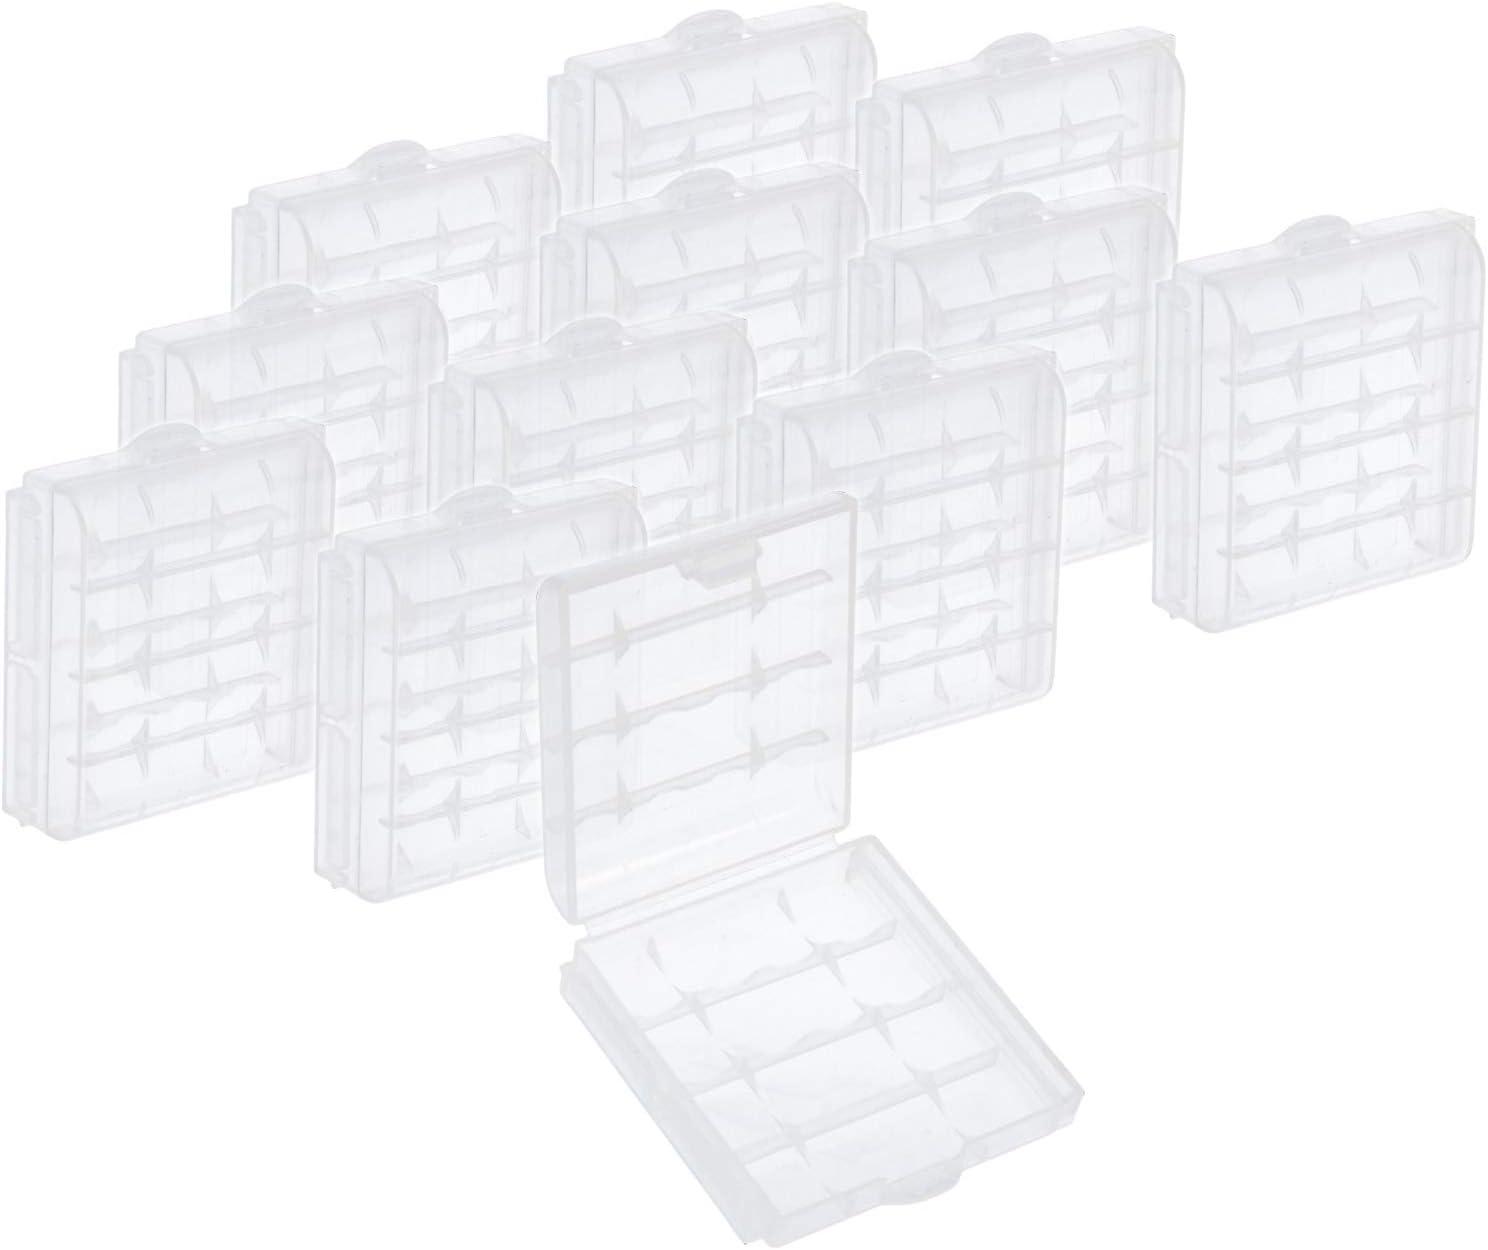 com-four® 12x Caja de batería de plástico - Caja de Almacenamiento para baterías y baterías Recargables - Caja de batería para AA y AAA (12 Piezas - Transparente)